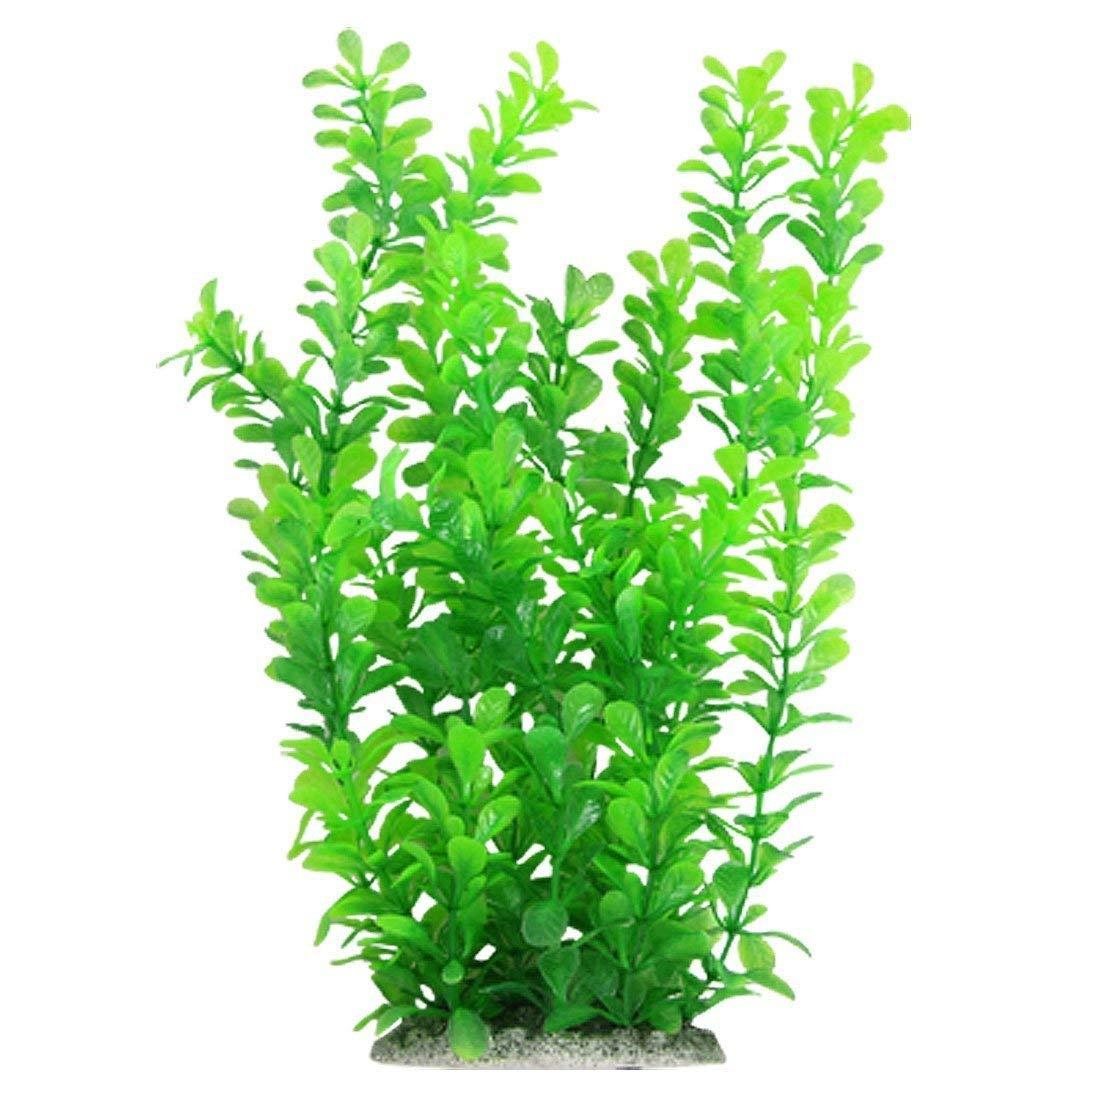 inch green fish. Aquarium clipart aquarium plant